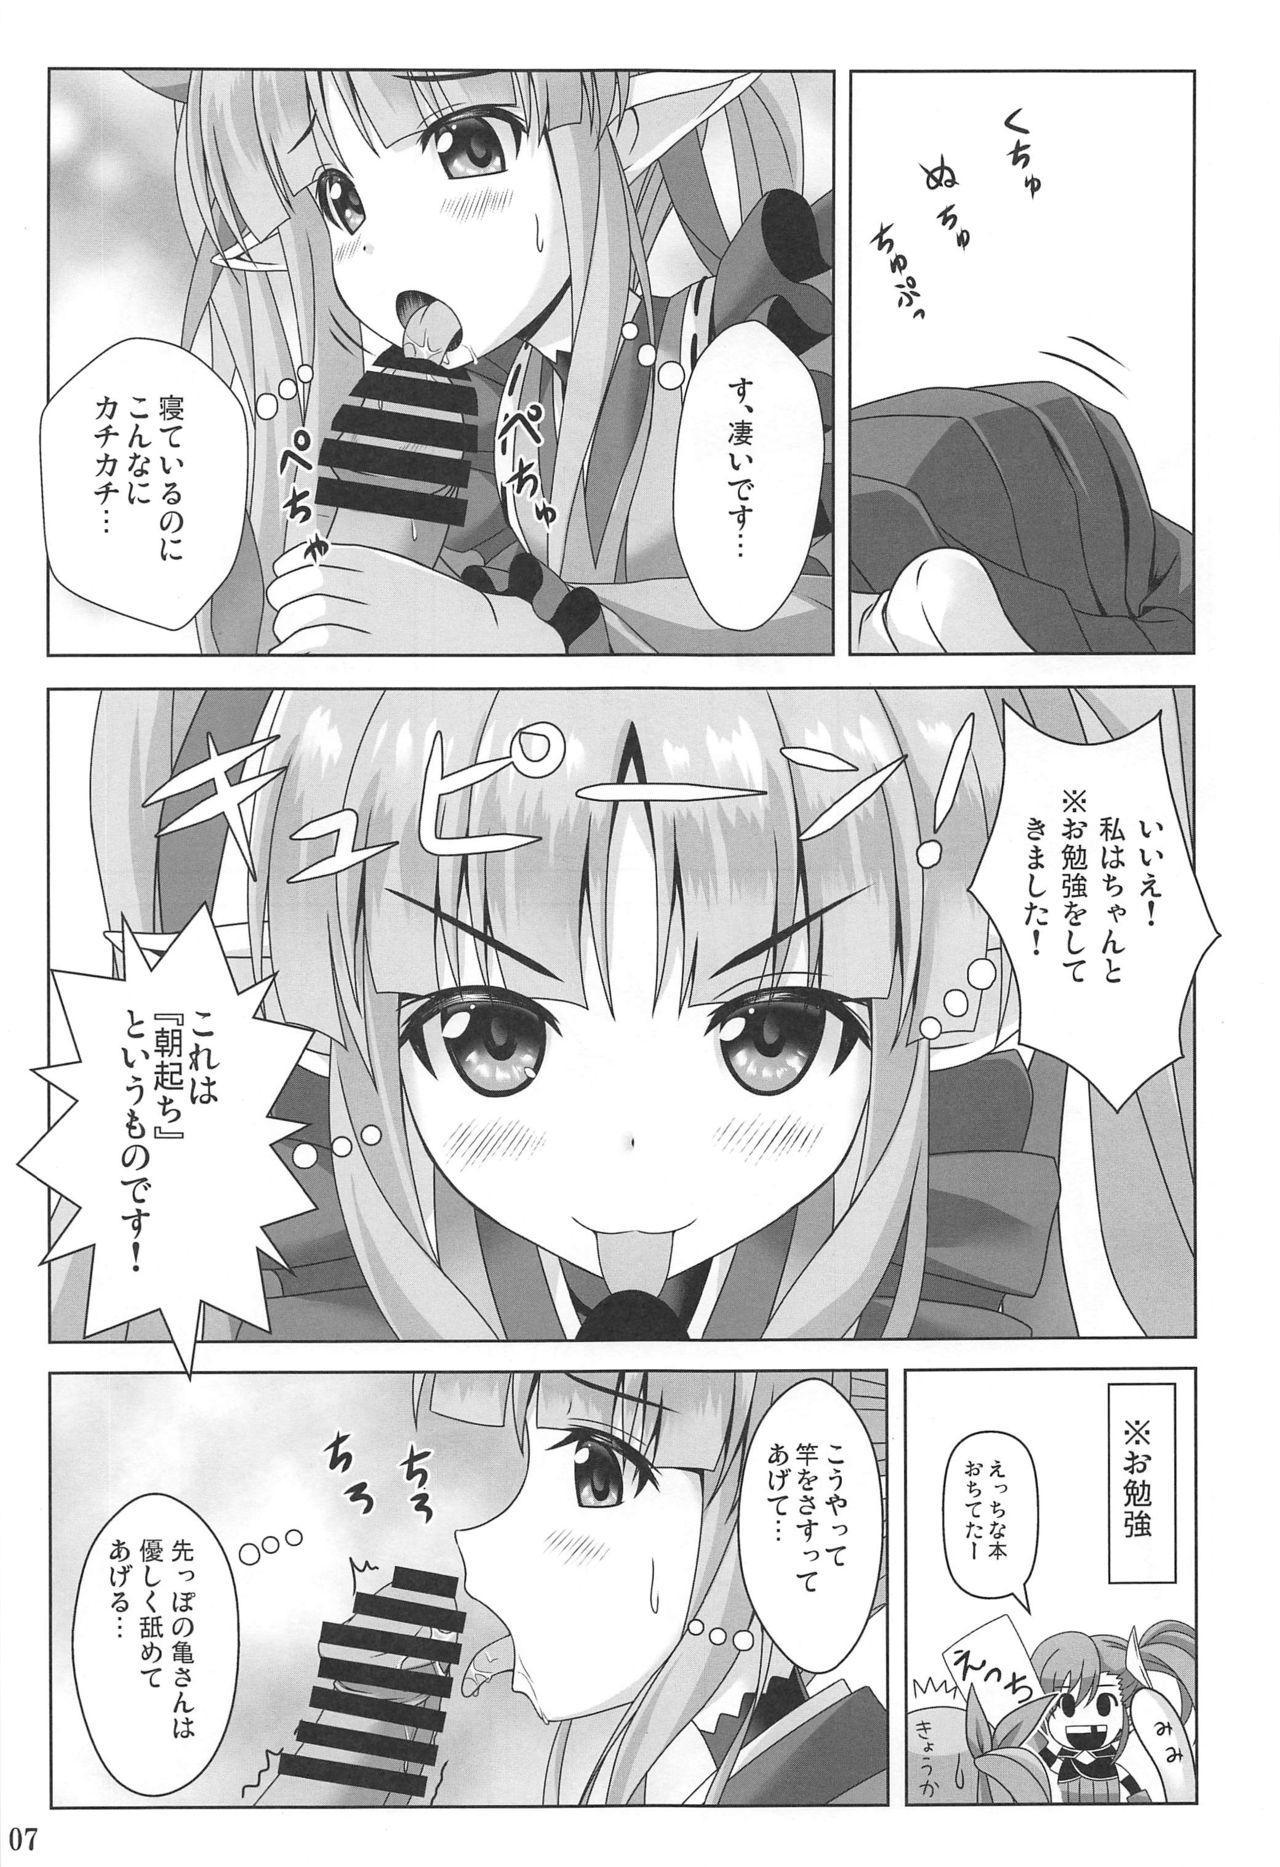 Watashi no Hentai Fushinsha-san Re:Dive! 5